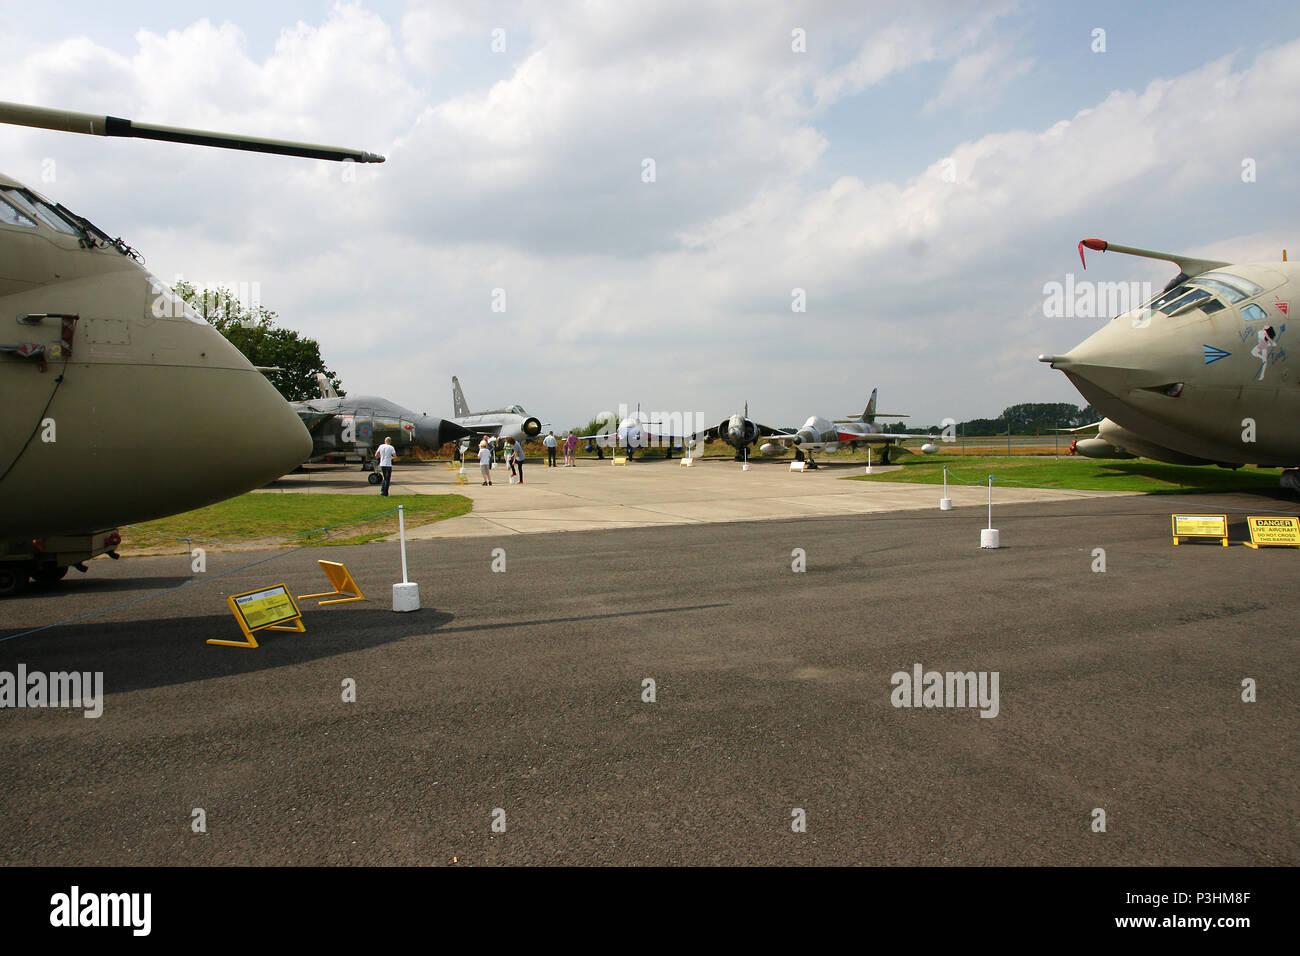 Británico de aviones militares de la guerra fría Imagen De Stock